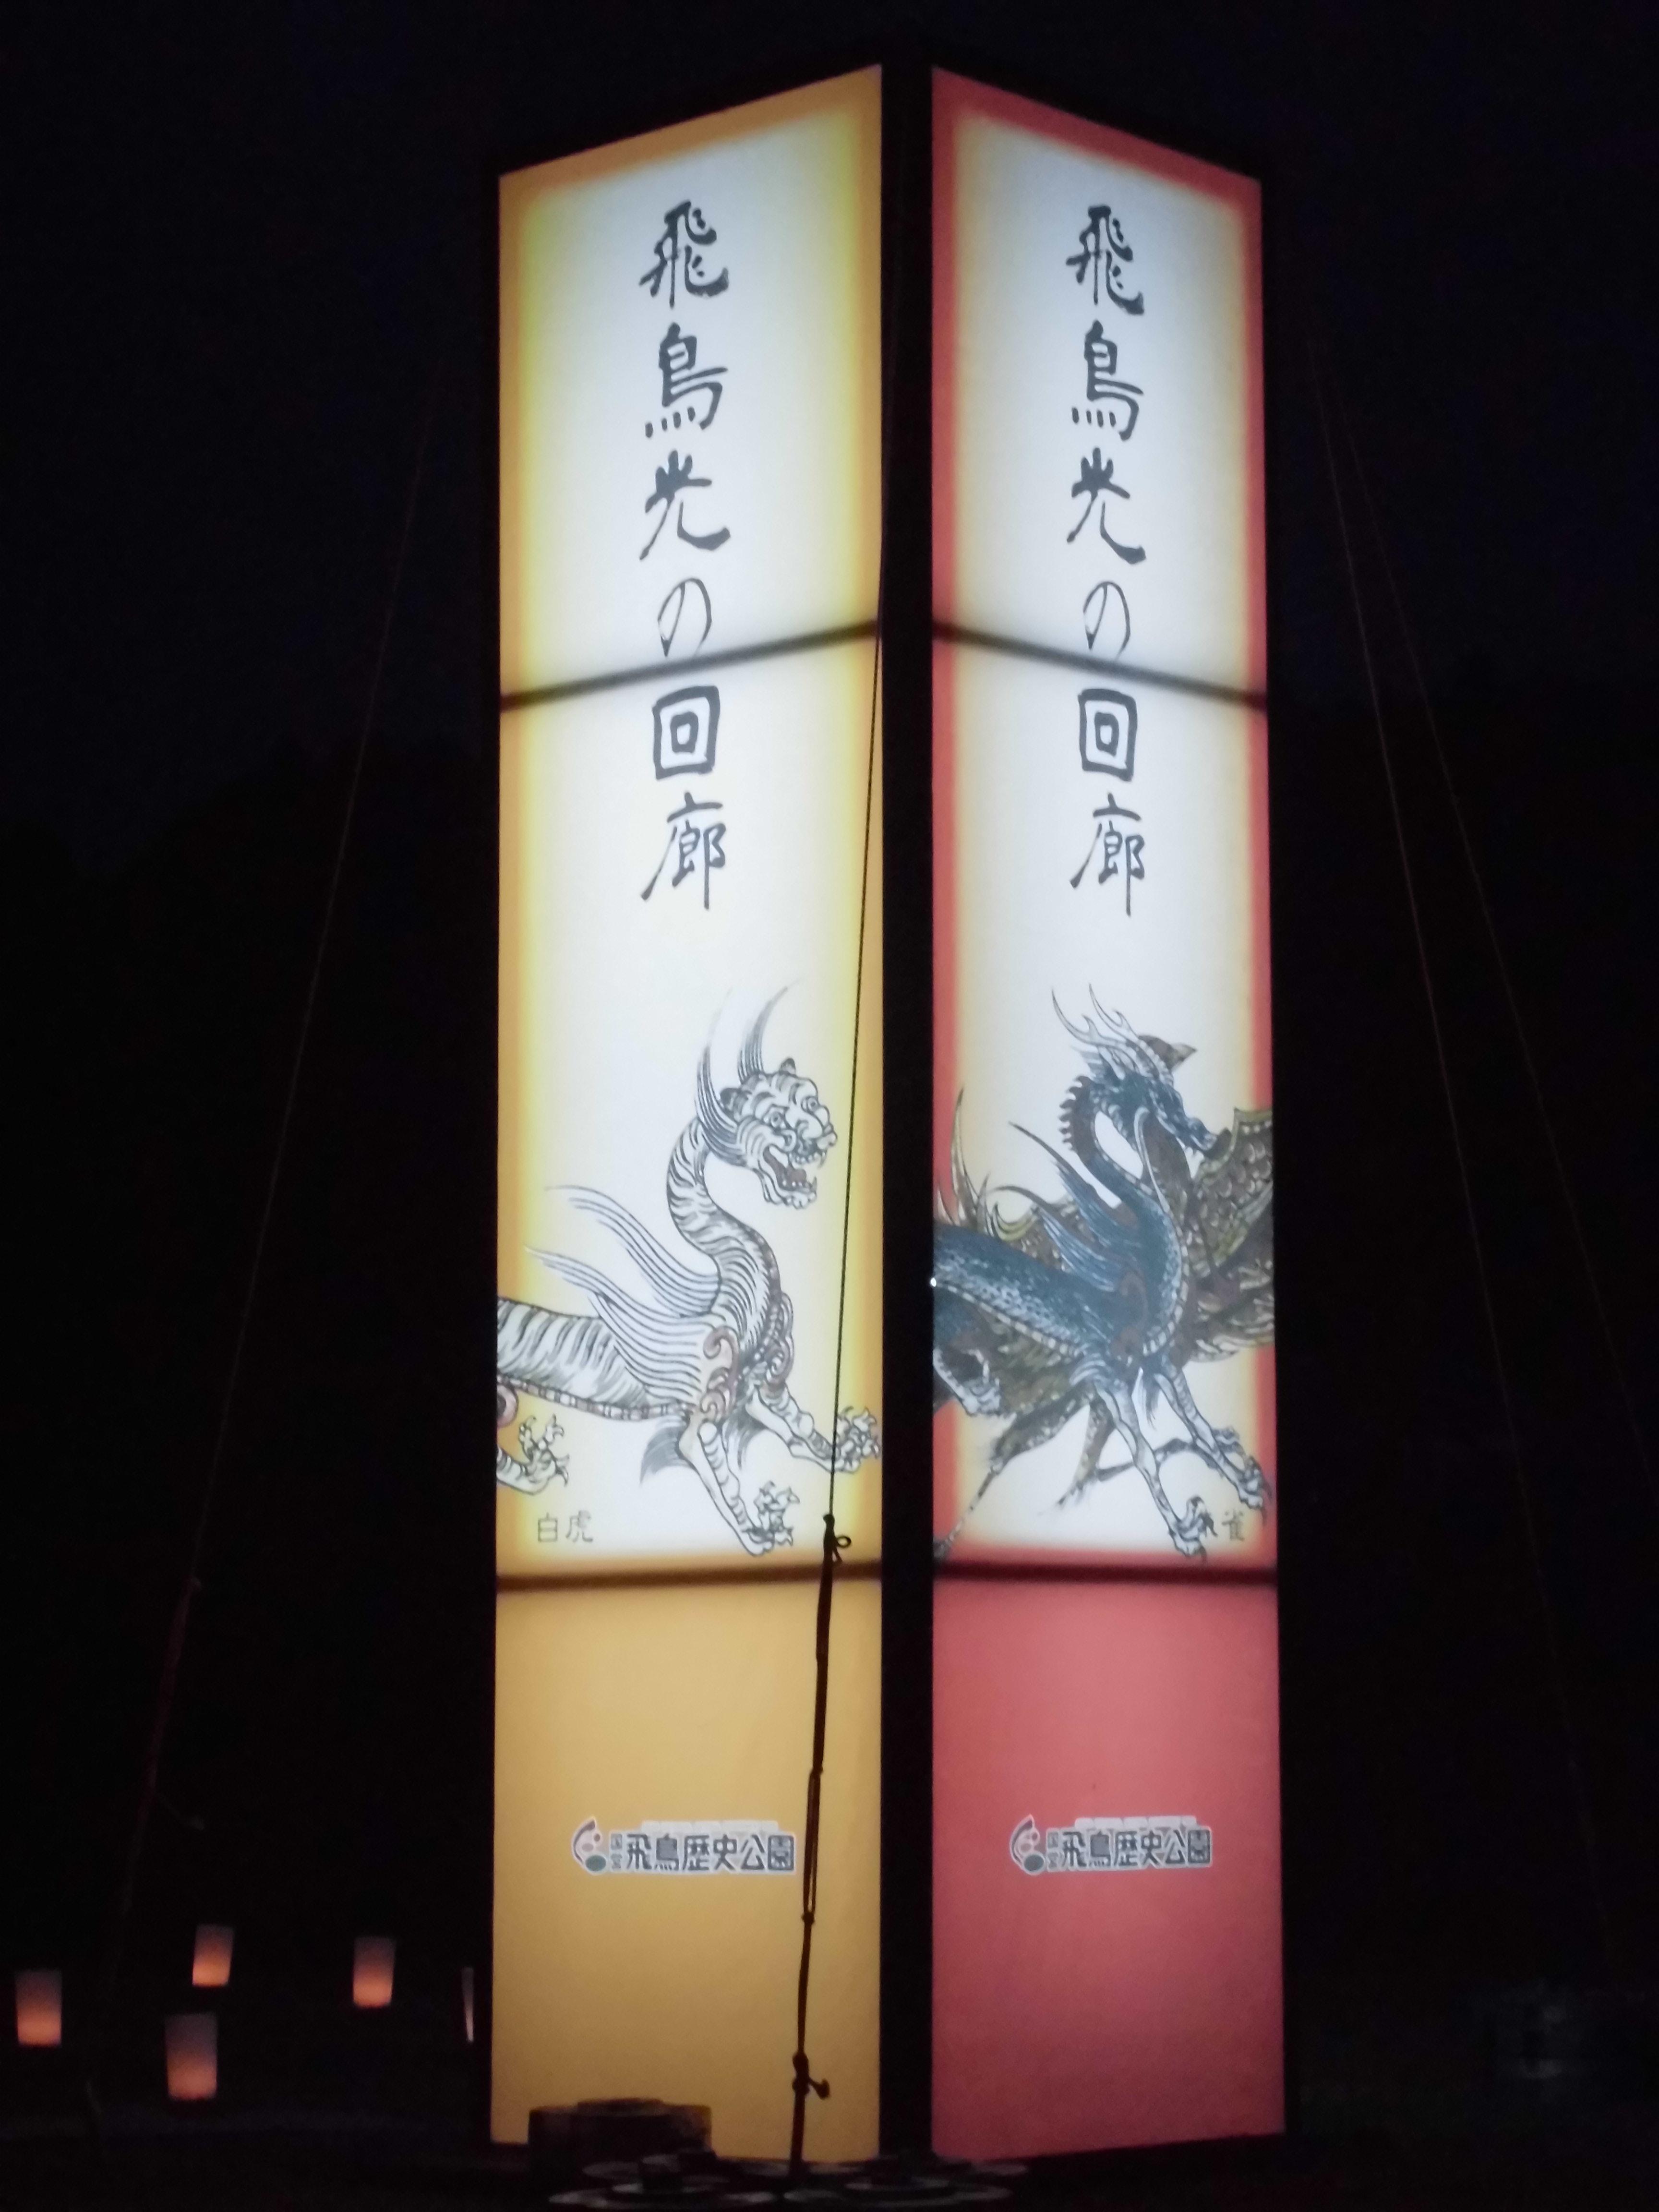 奈良の隠れた灯りのイベントは心が穏やかになりますよ【飛鳥光の回廊に行ってみましたby-VEGETAPSY】